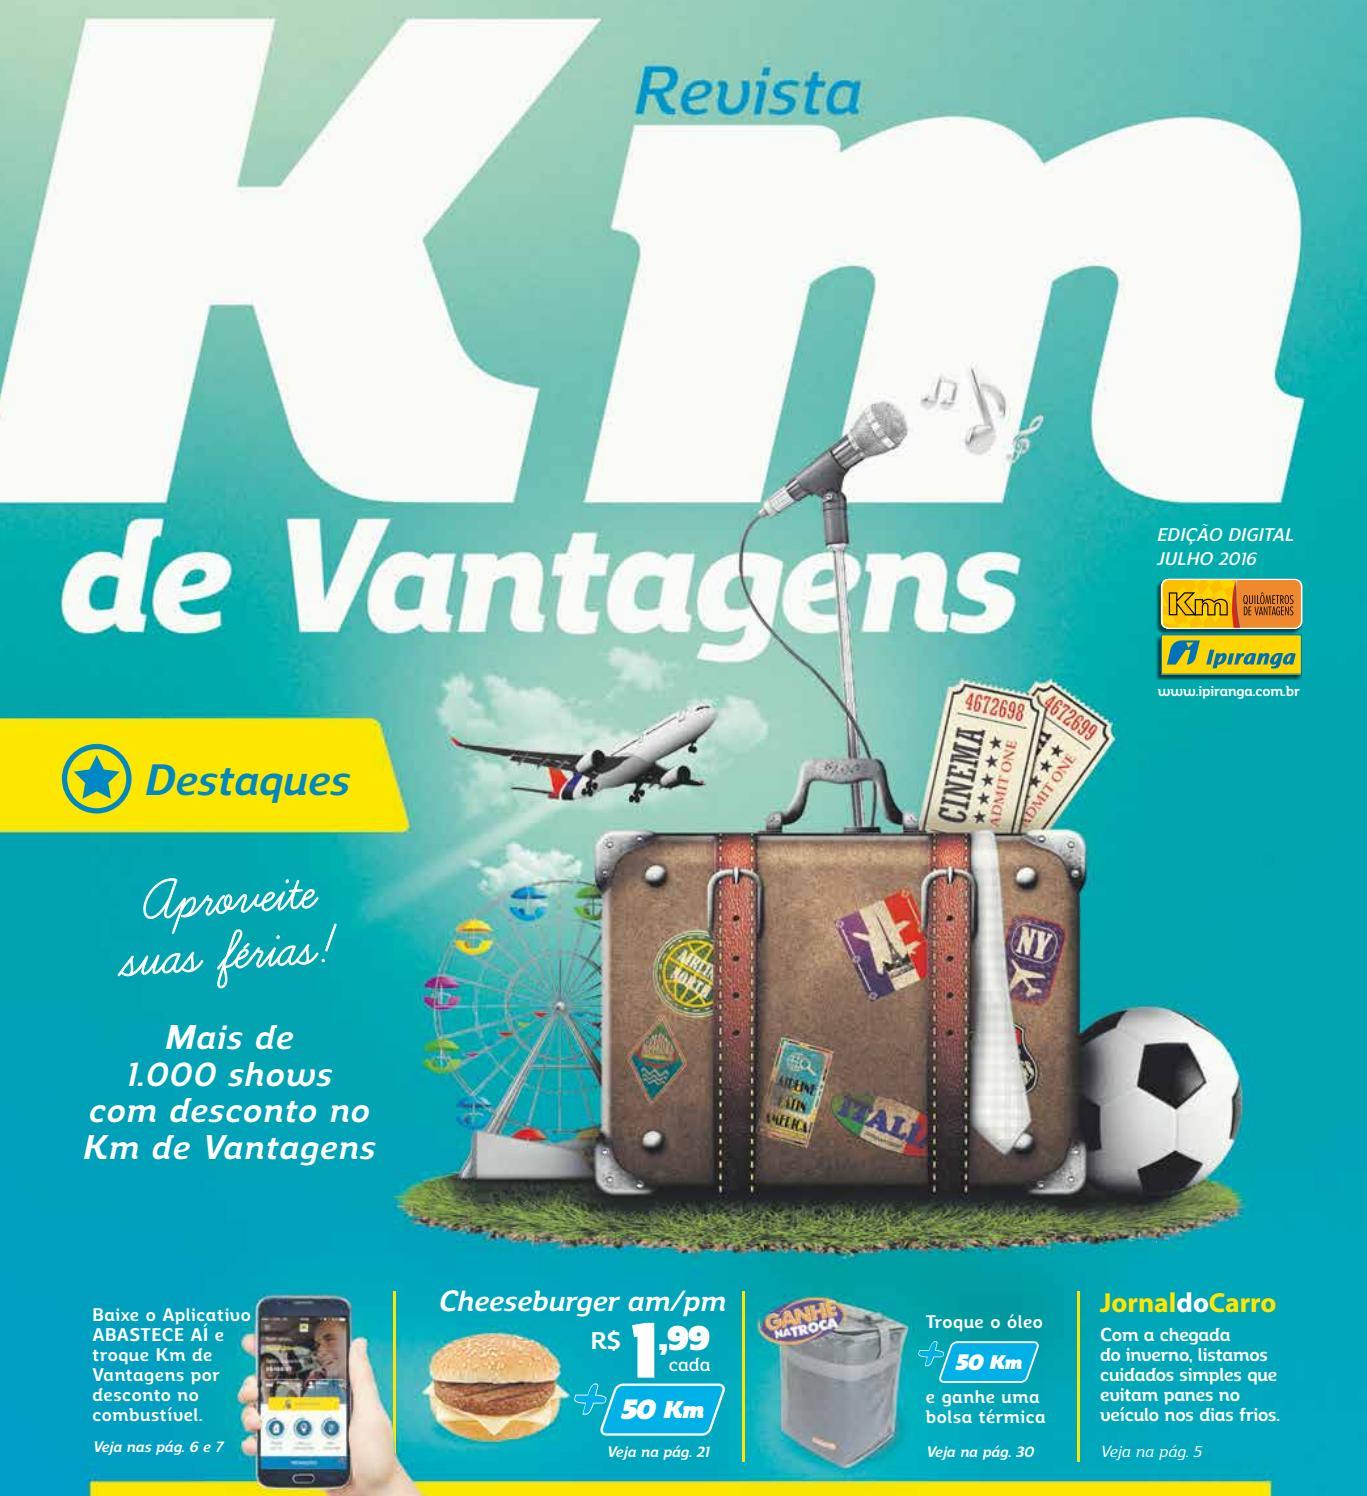 2b2666b8f0e Revista Km de Vantagens - Julho 2016 - Site Ipiranga by Km de Vantagens -  issuu